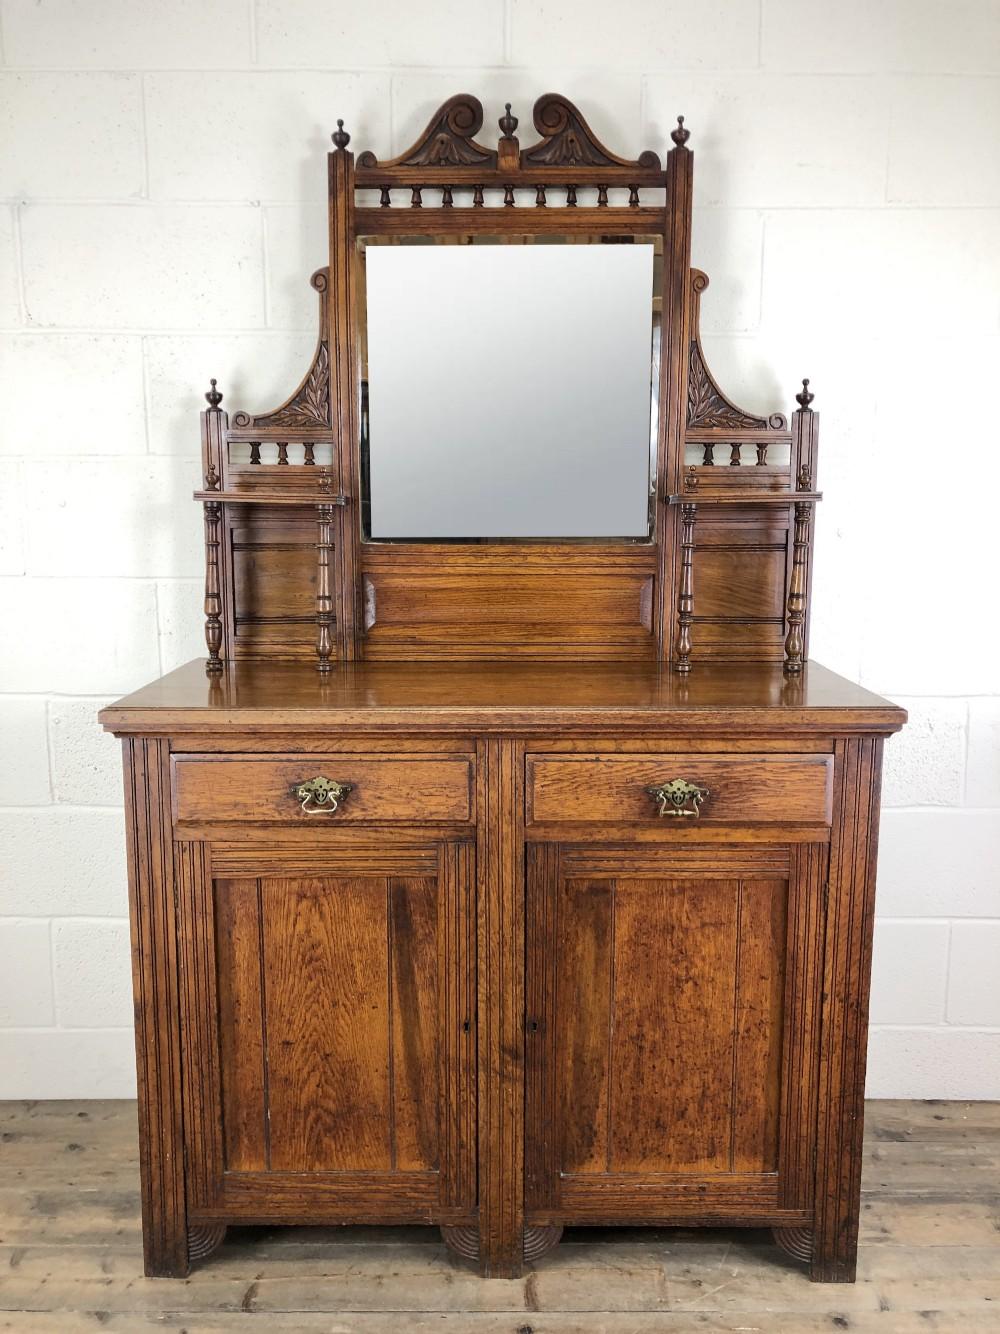 edwardian antique oak mirror back sideboard